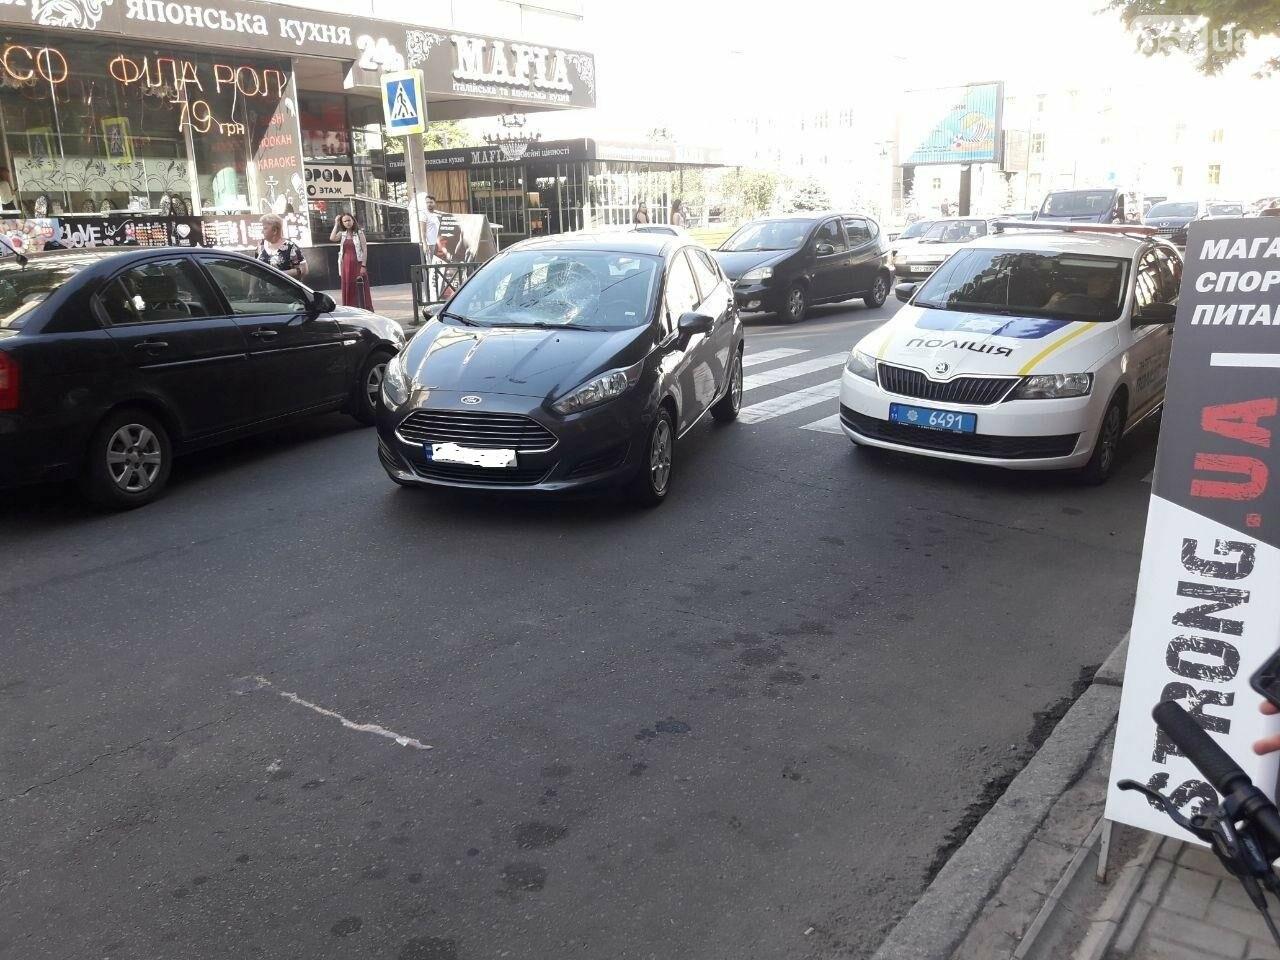 """На """"Пушкинской"""" легковое авто сбило пешехода на """"зебре"""": пострадавший в больнице, - ФОТО, фото-1"""